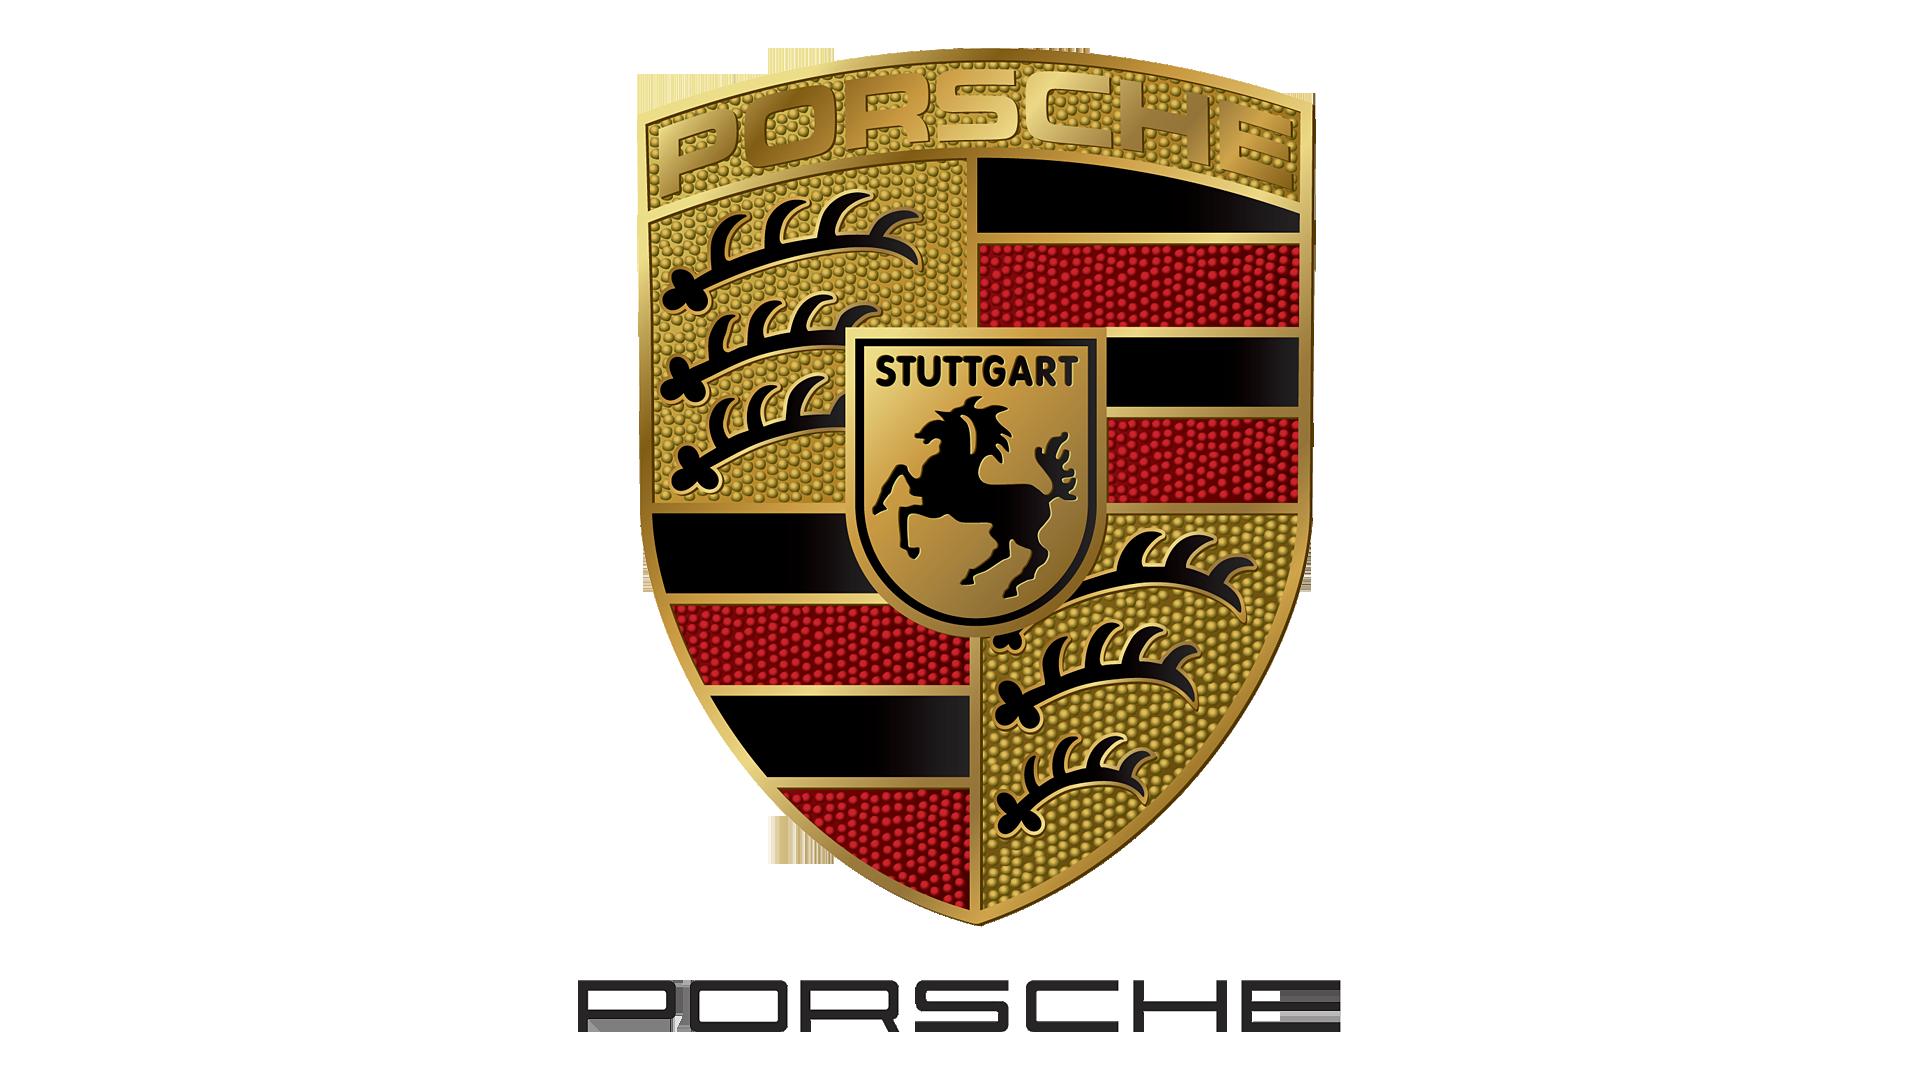 porsche-emblem-1994-1920x1080